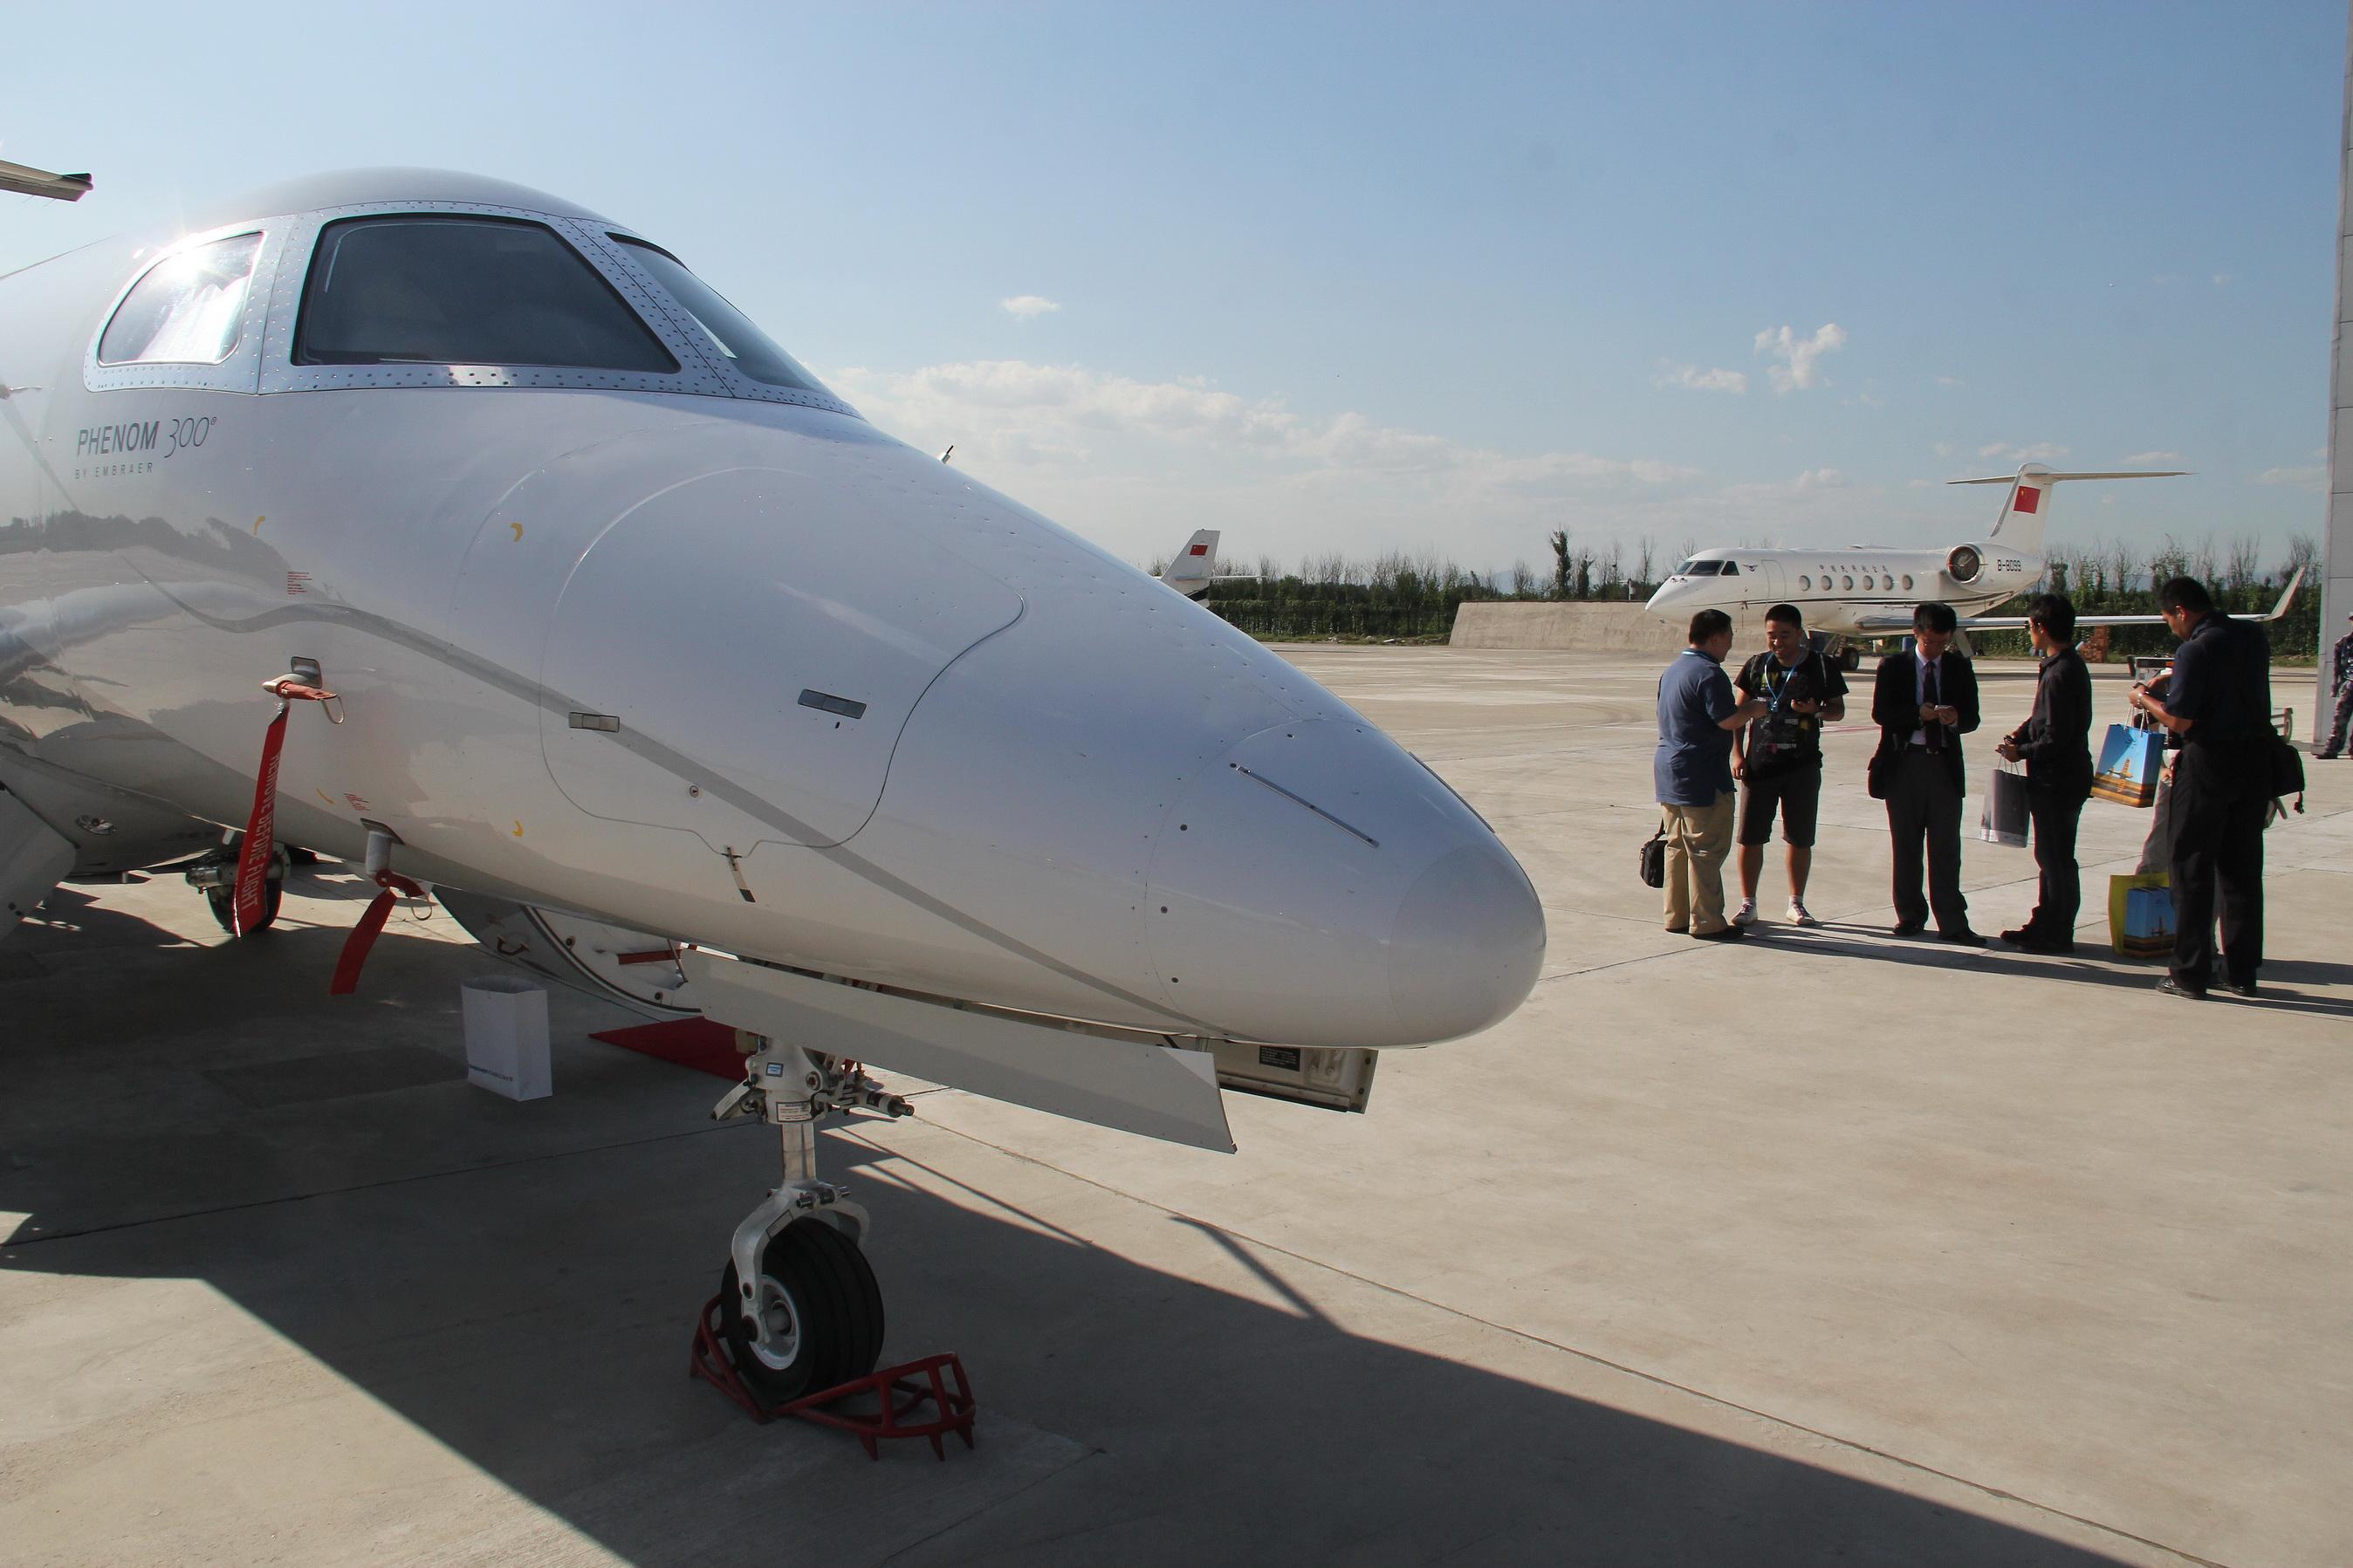 私人飞机 资料图 飞机爱好者花130万买直升机 不具备国内